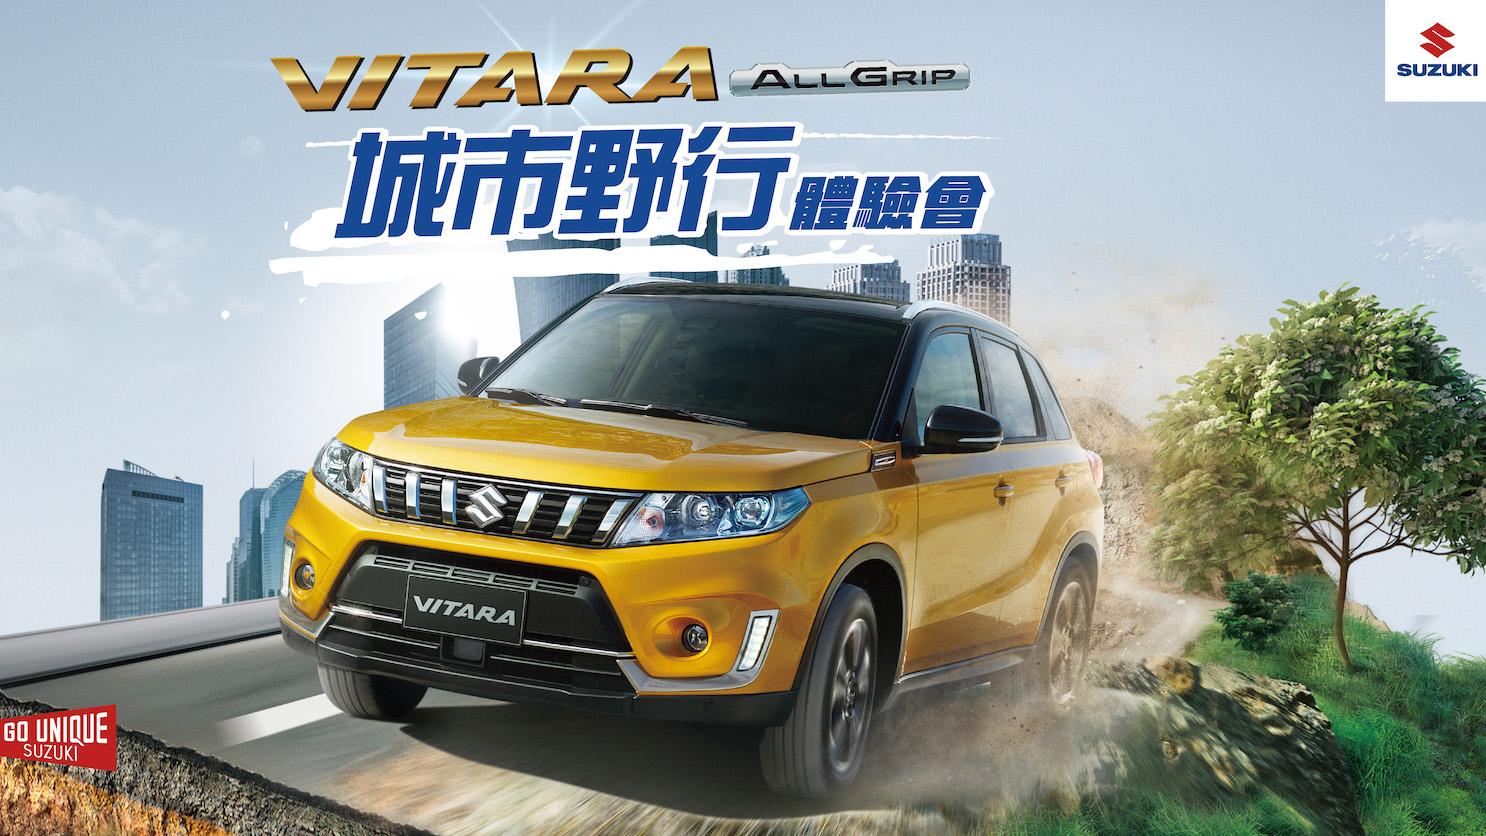 Suzuki Vitara AllGrip 城市野行體驗會 現正開放報名